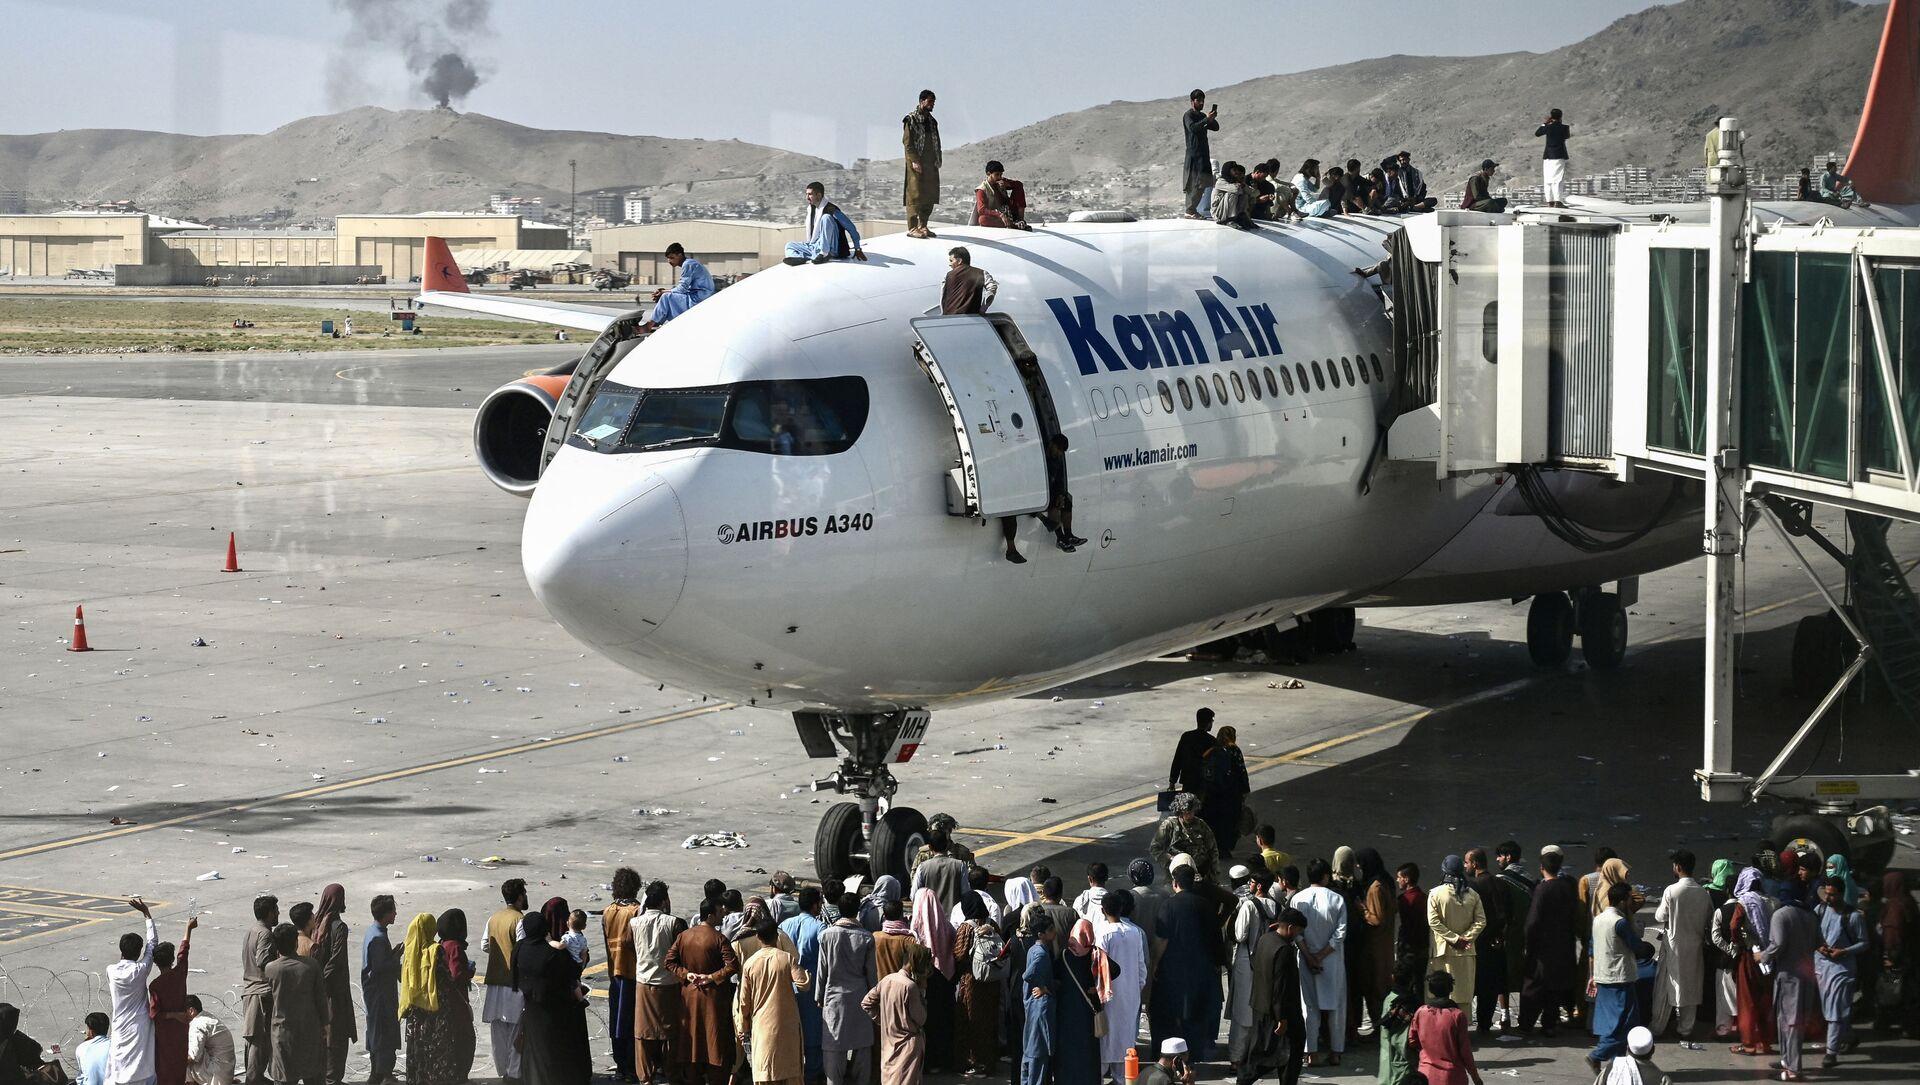 Người Afghanistan leo lên máy bay tại sân bay sau khi Taliban tiến vào Kabul - Sputnik Việt Nam, 1920, 30.08.2021